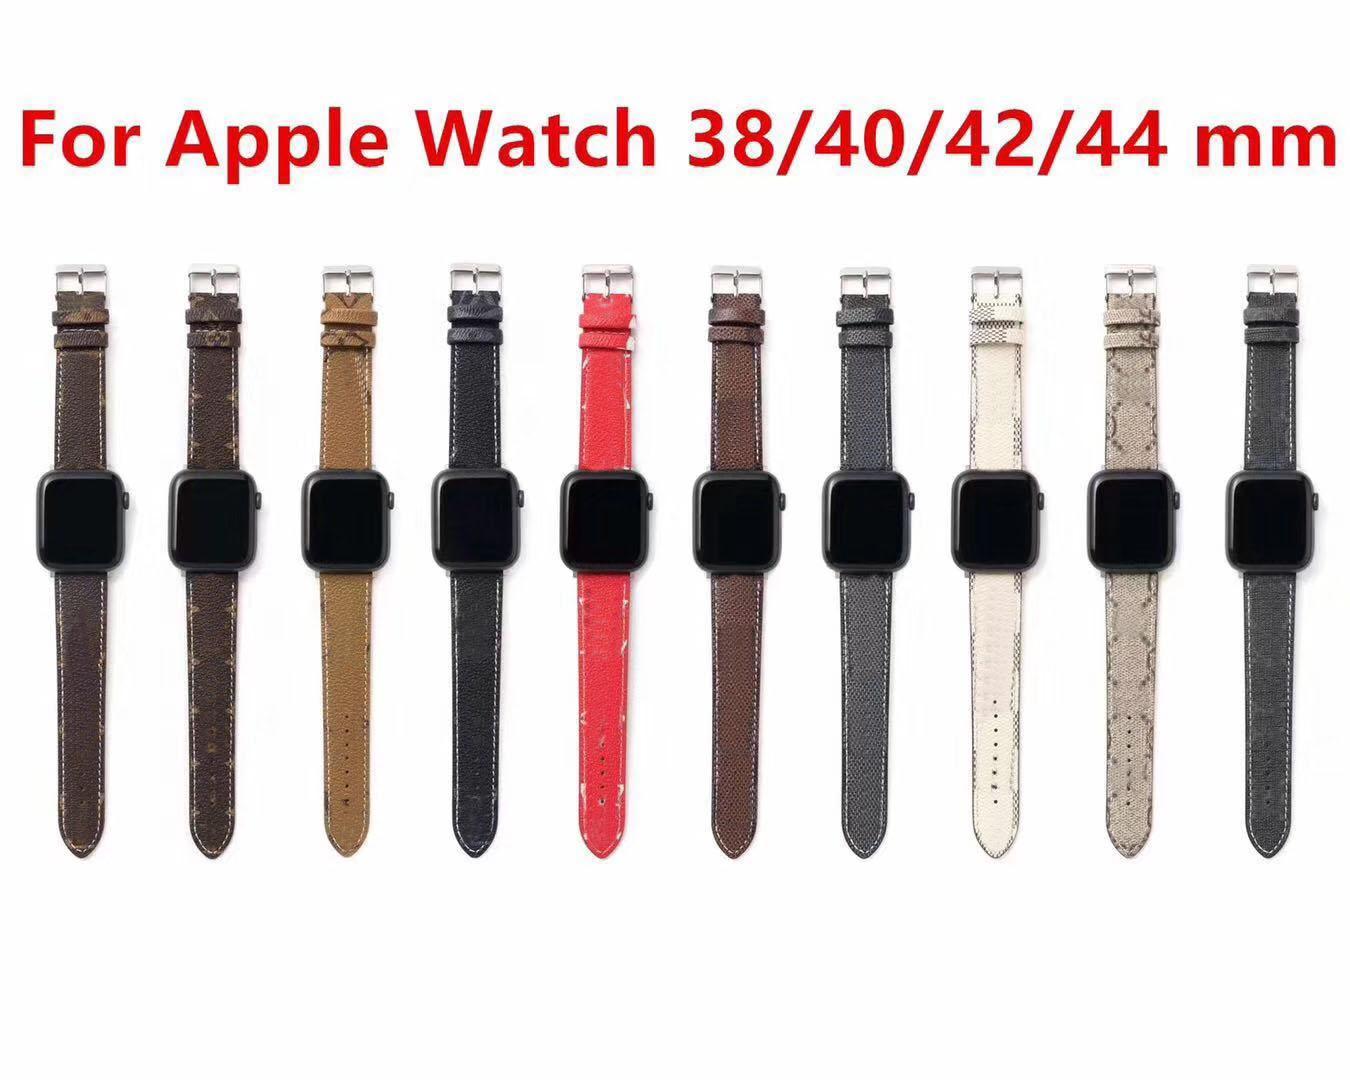 럭셔리 디자이너 워치 밴드 시계 밴드 42mm 38mm 40mm 44mm iwatch 2 3 4 5 밴드 가죽 스트랩 팔찌 패션 줄무늬 시계 밴드